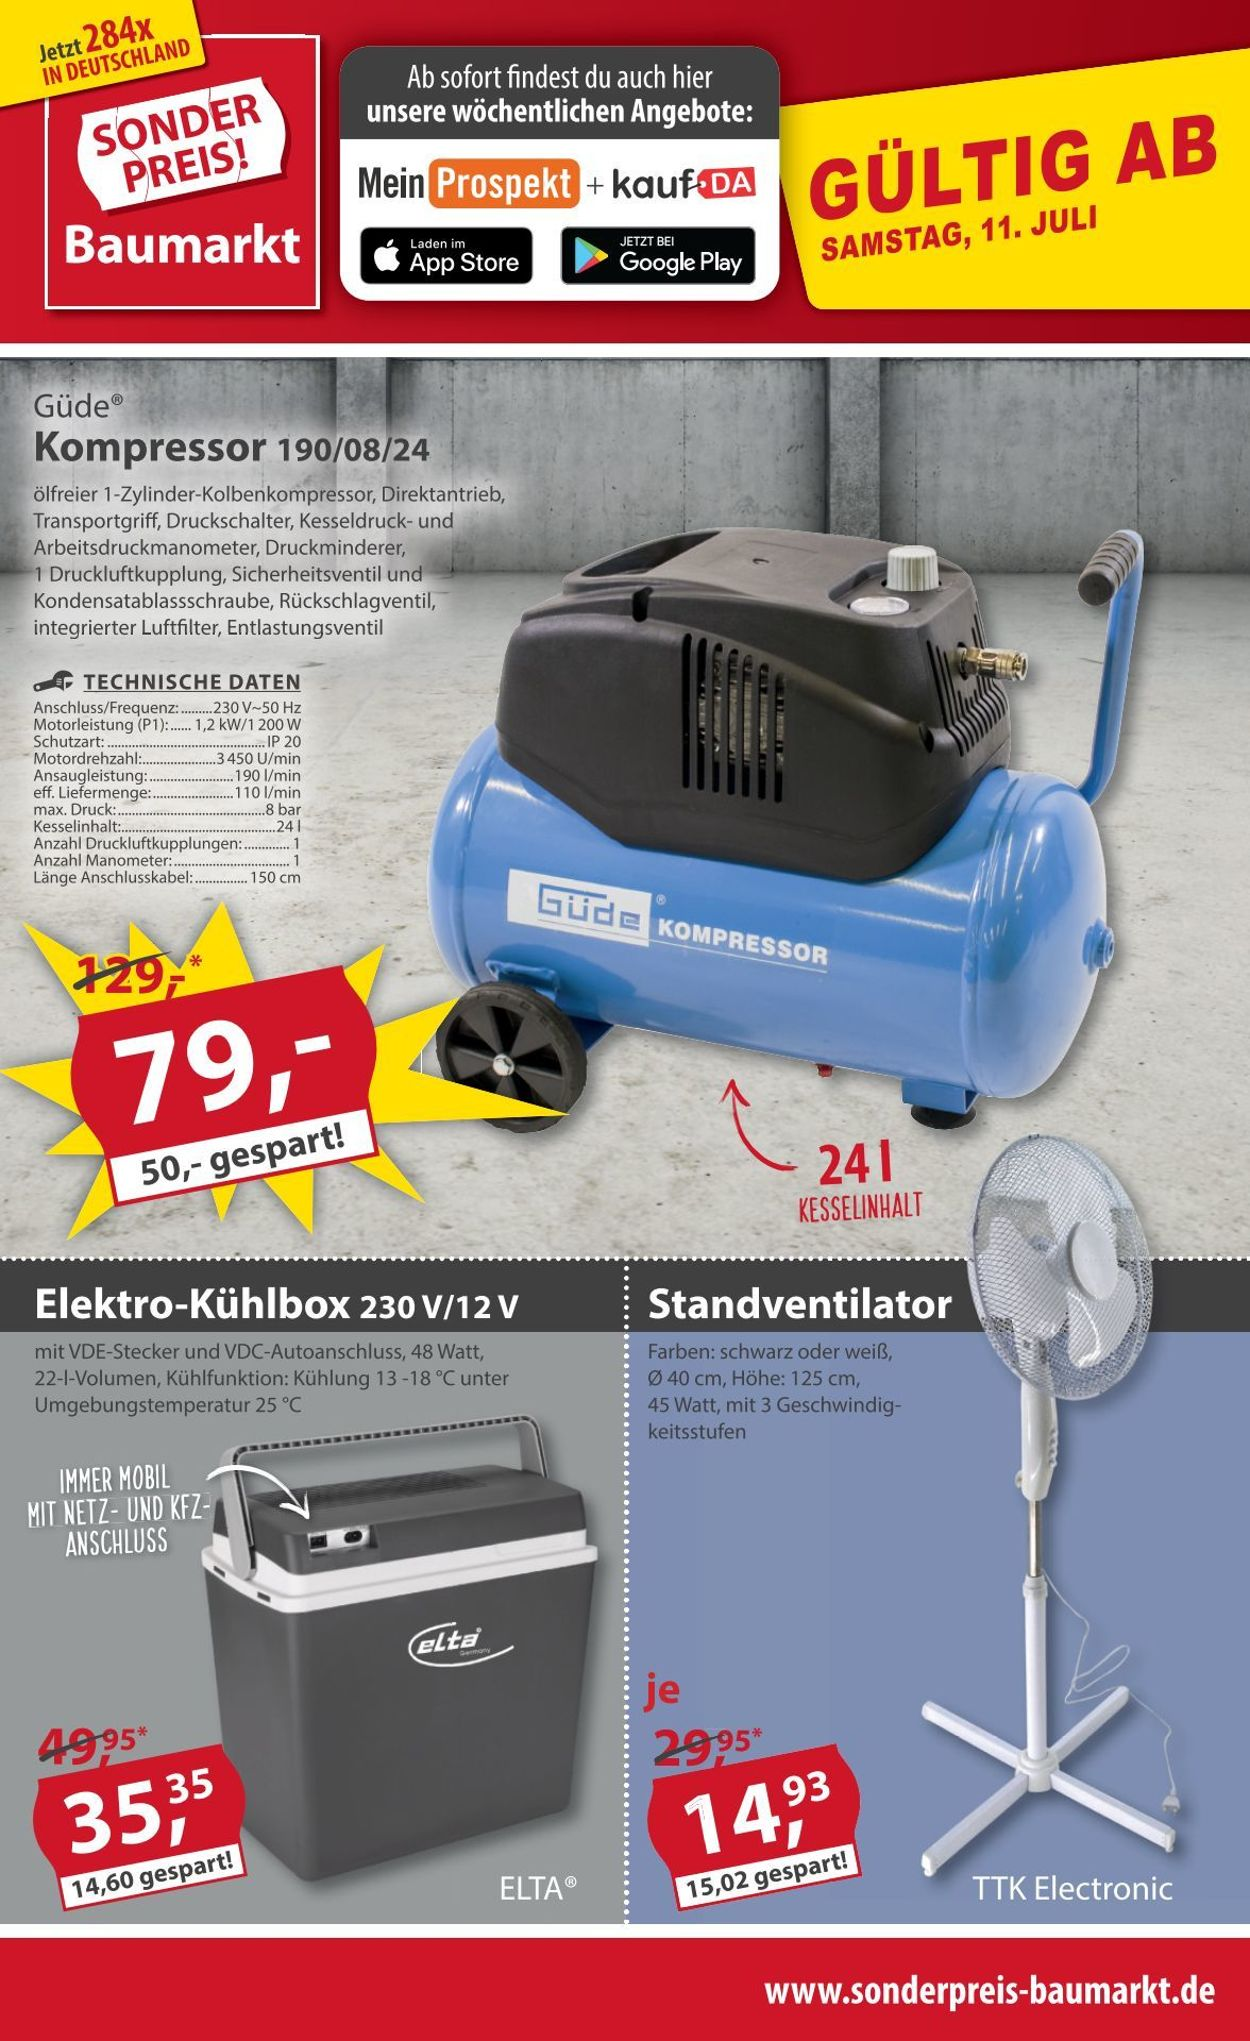 Sonderpreis Baumarkt Prospekt - Aktuell vom 11.07-17.07.2020